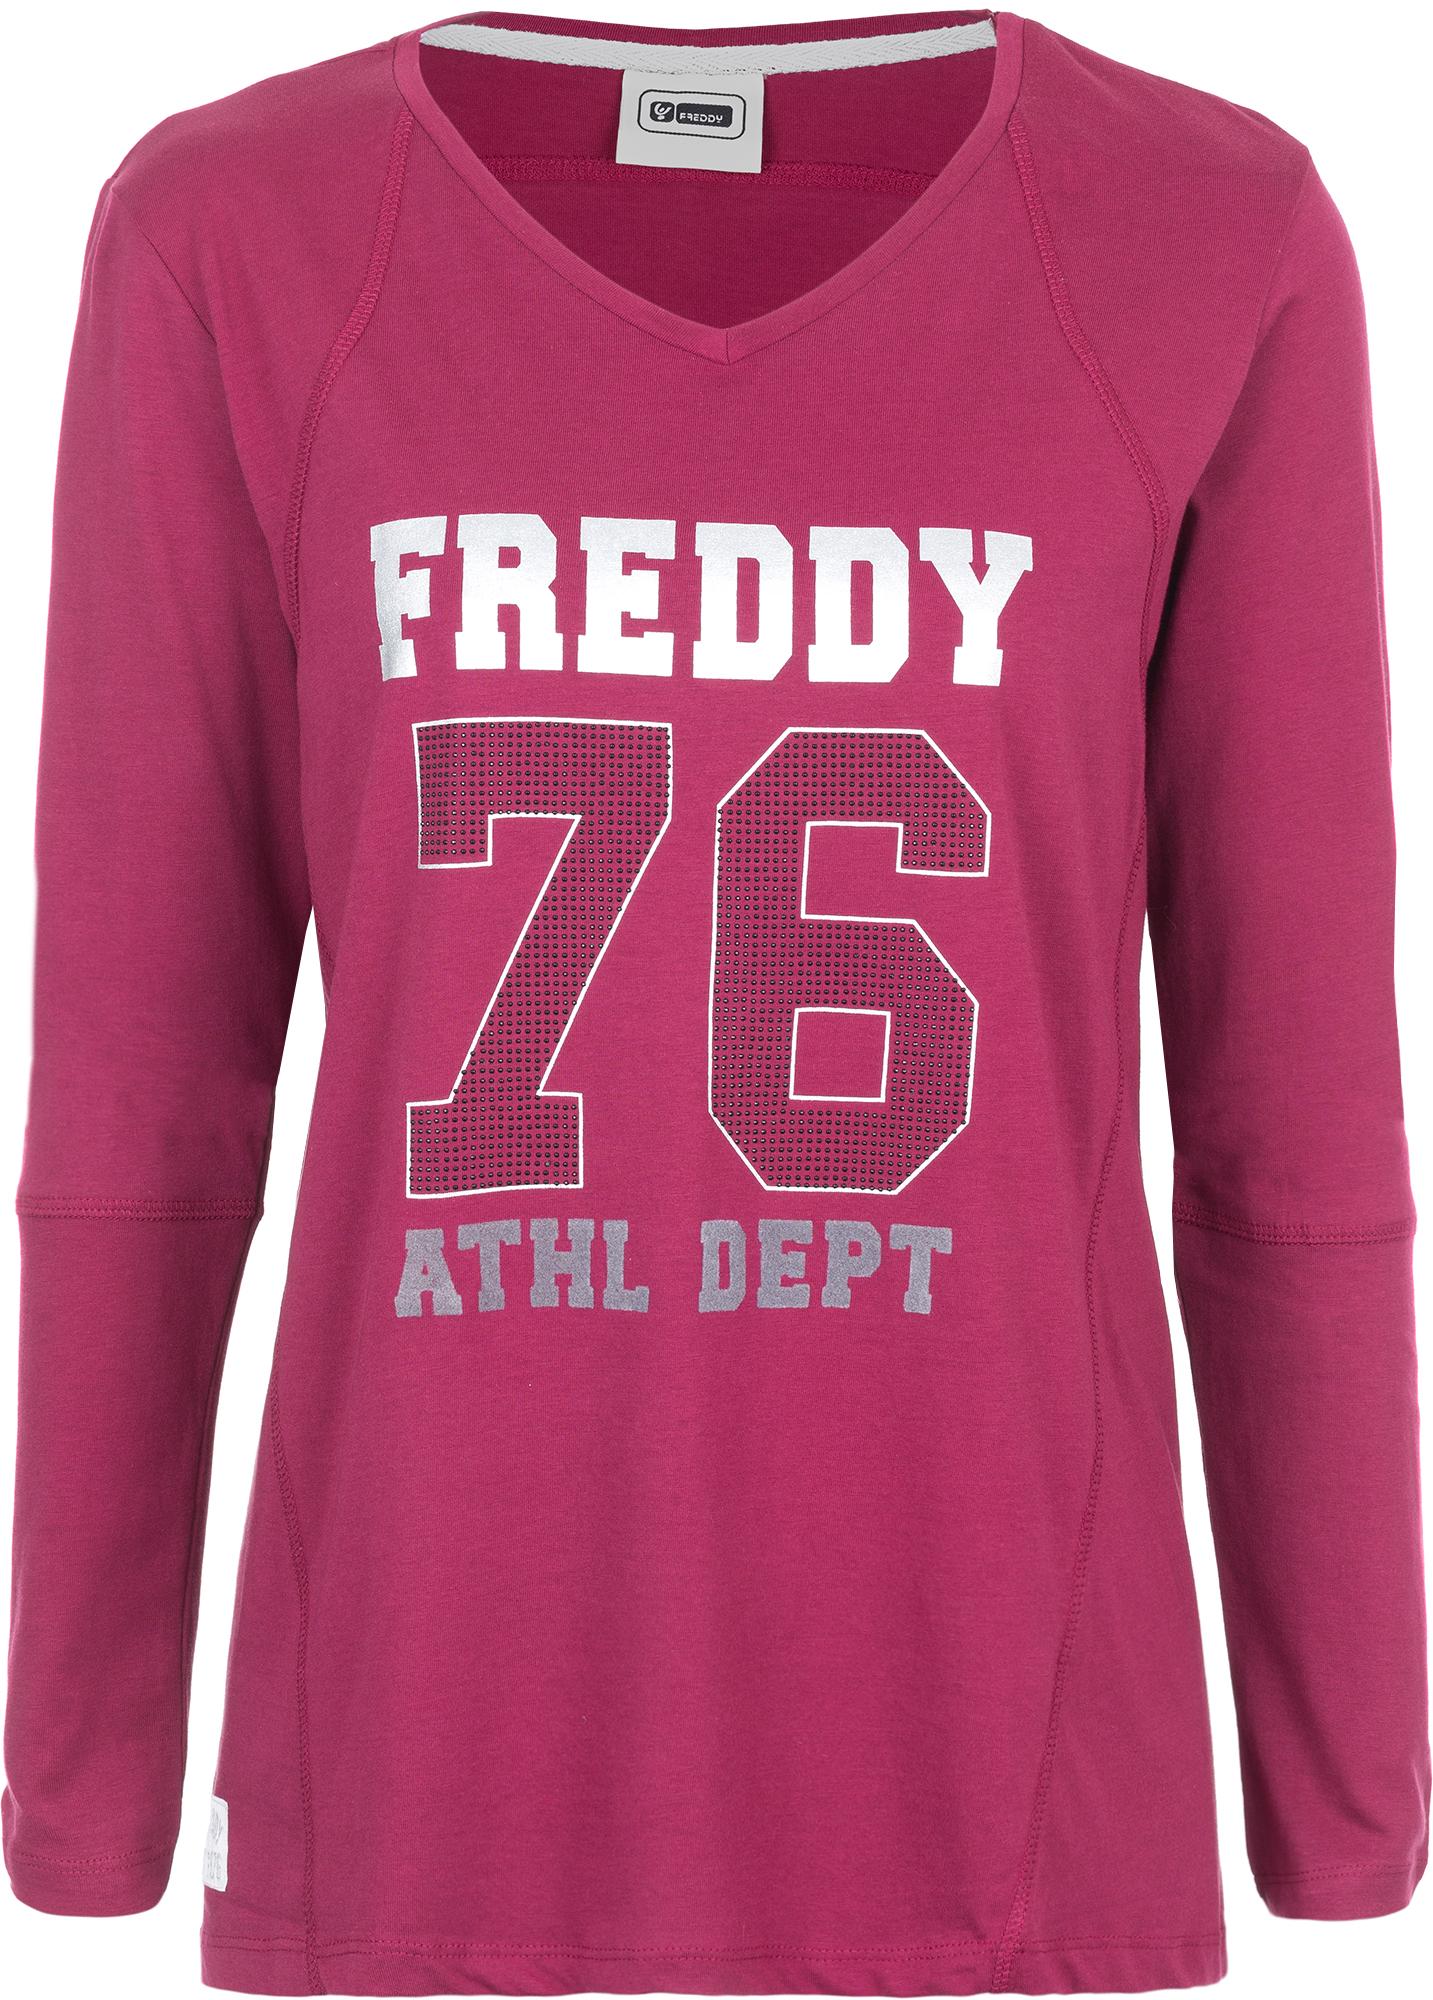 Freddy Футболка с длинным рукавом женская Freddy